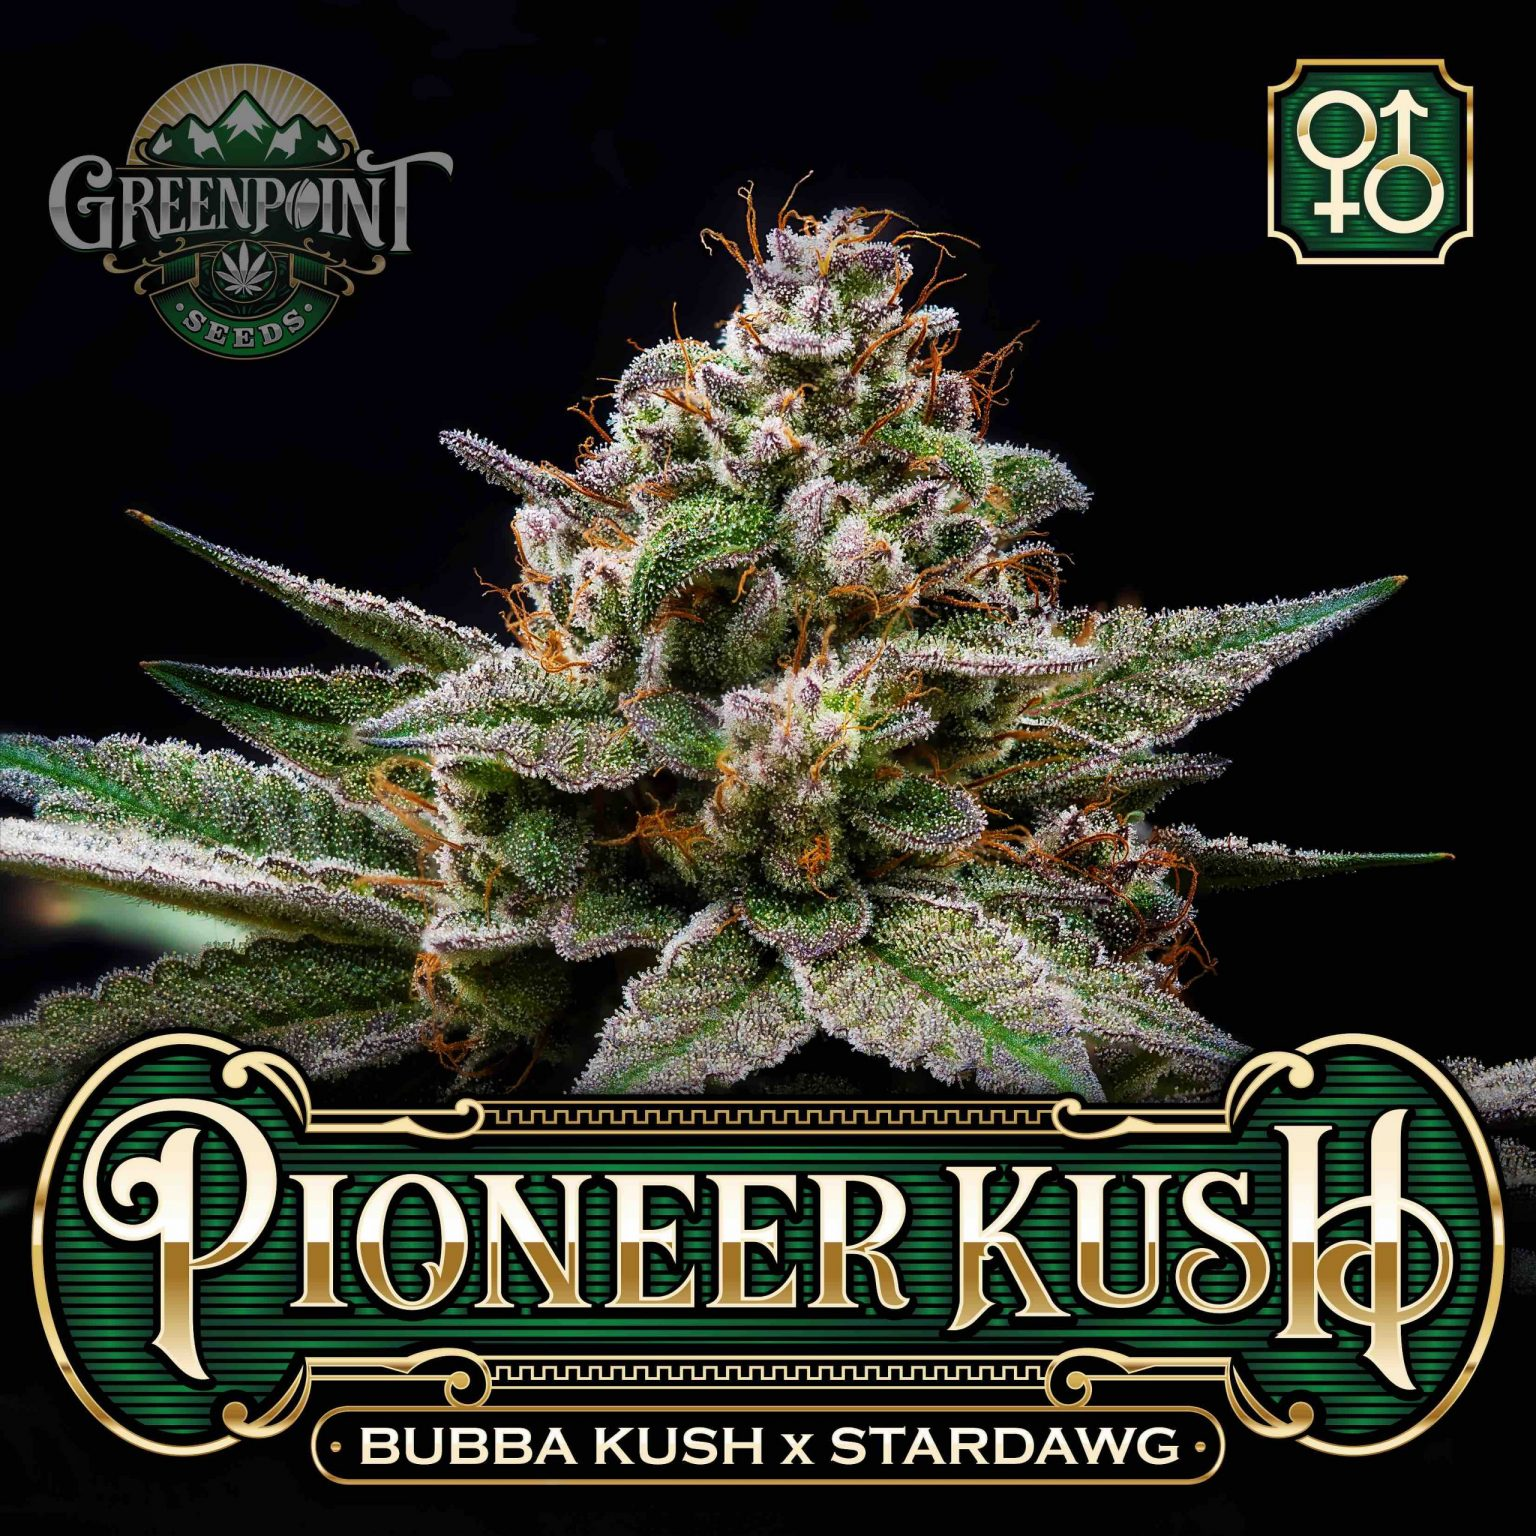 Bubba Kush x Stardawg Seeds | Pioneer Kush Cannabis Seeds